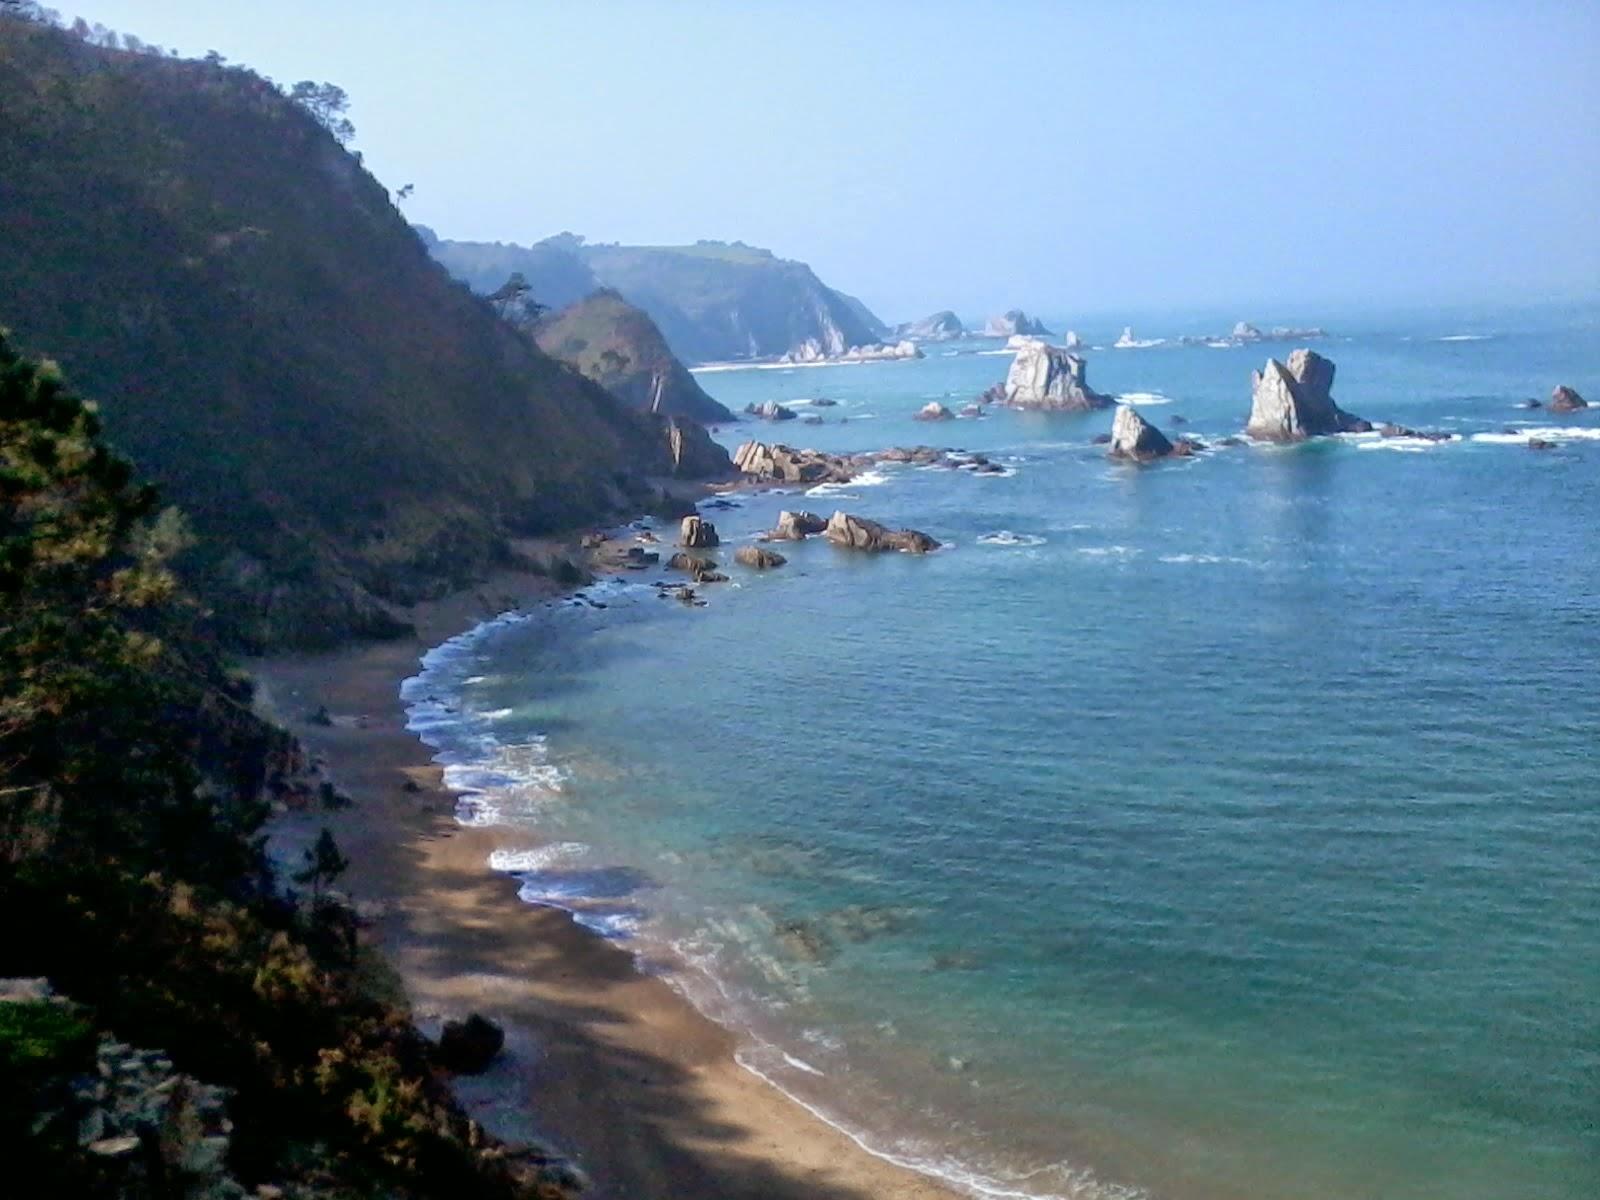 playa silencio asturias beach